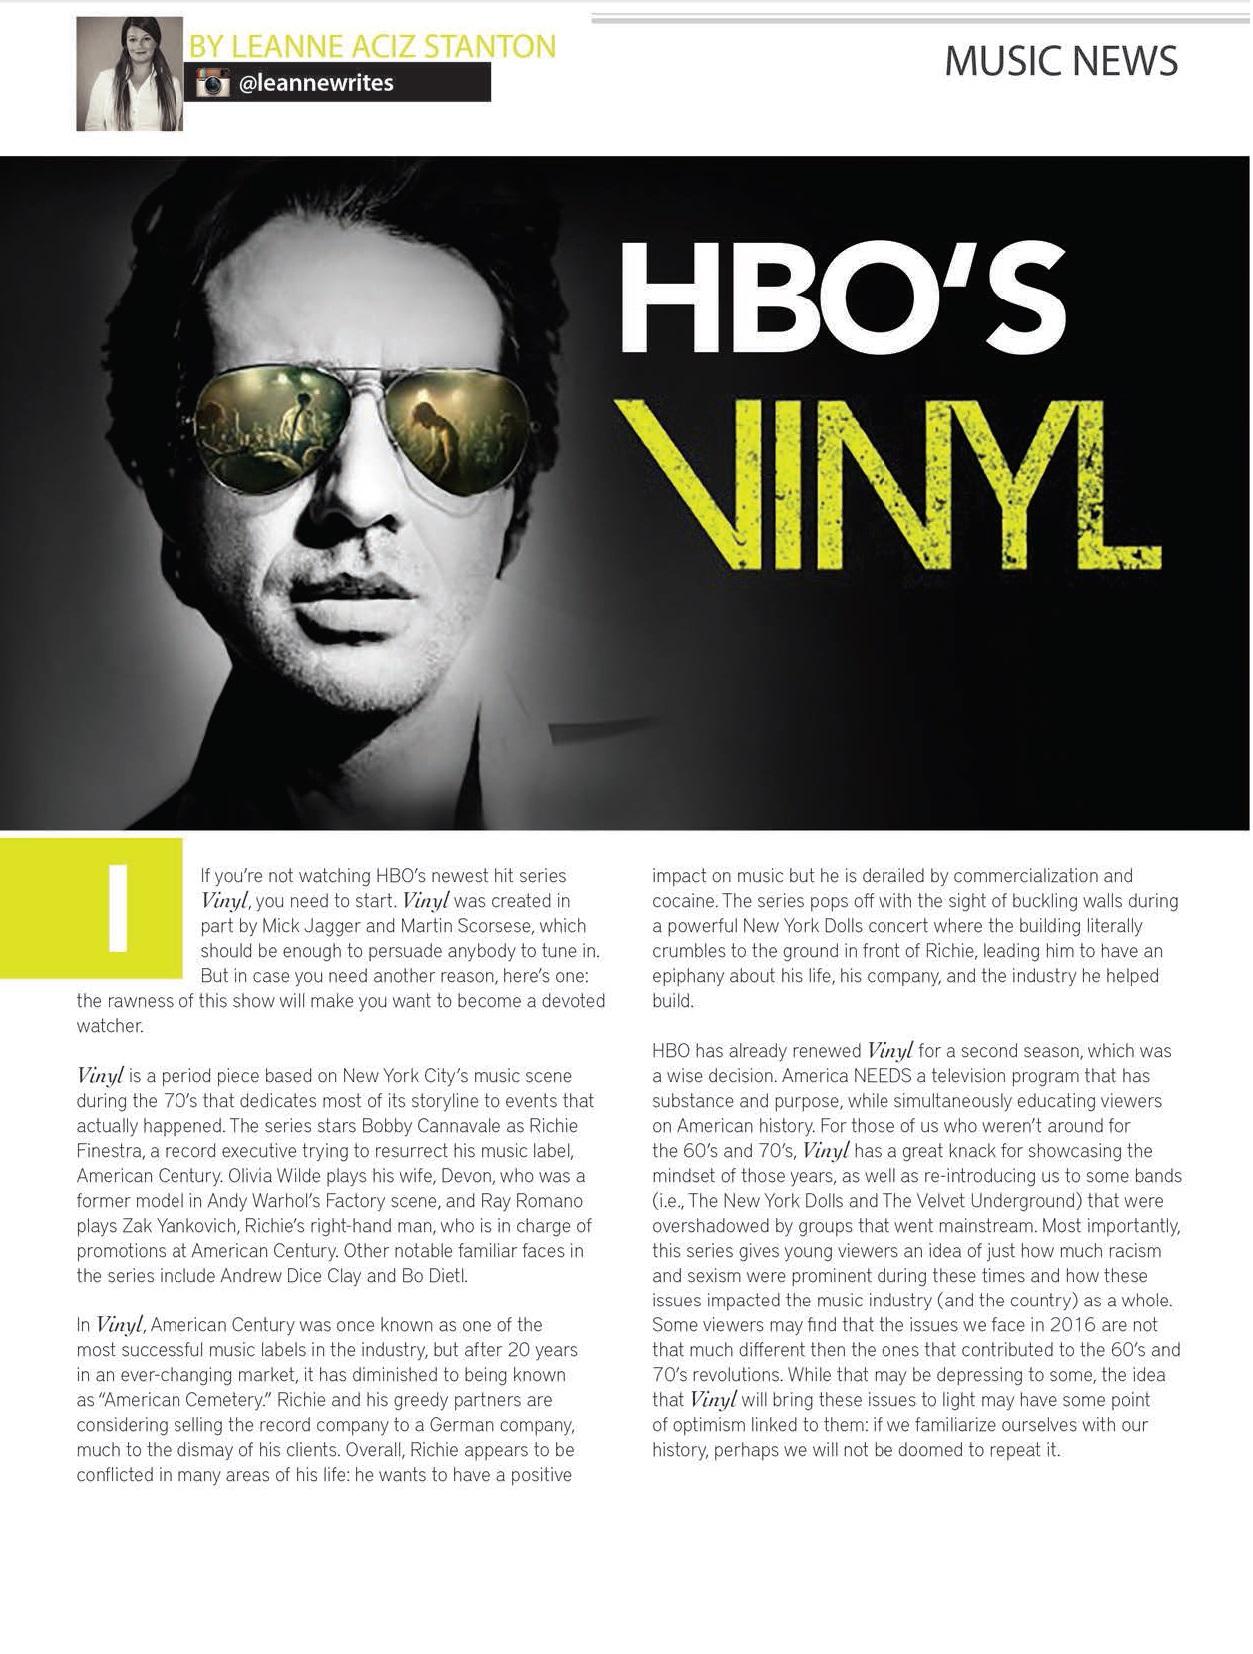 HBOs Vinyl